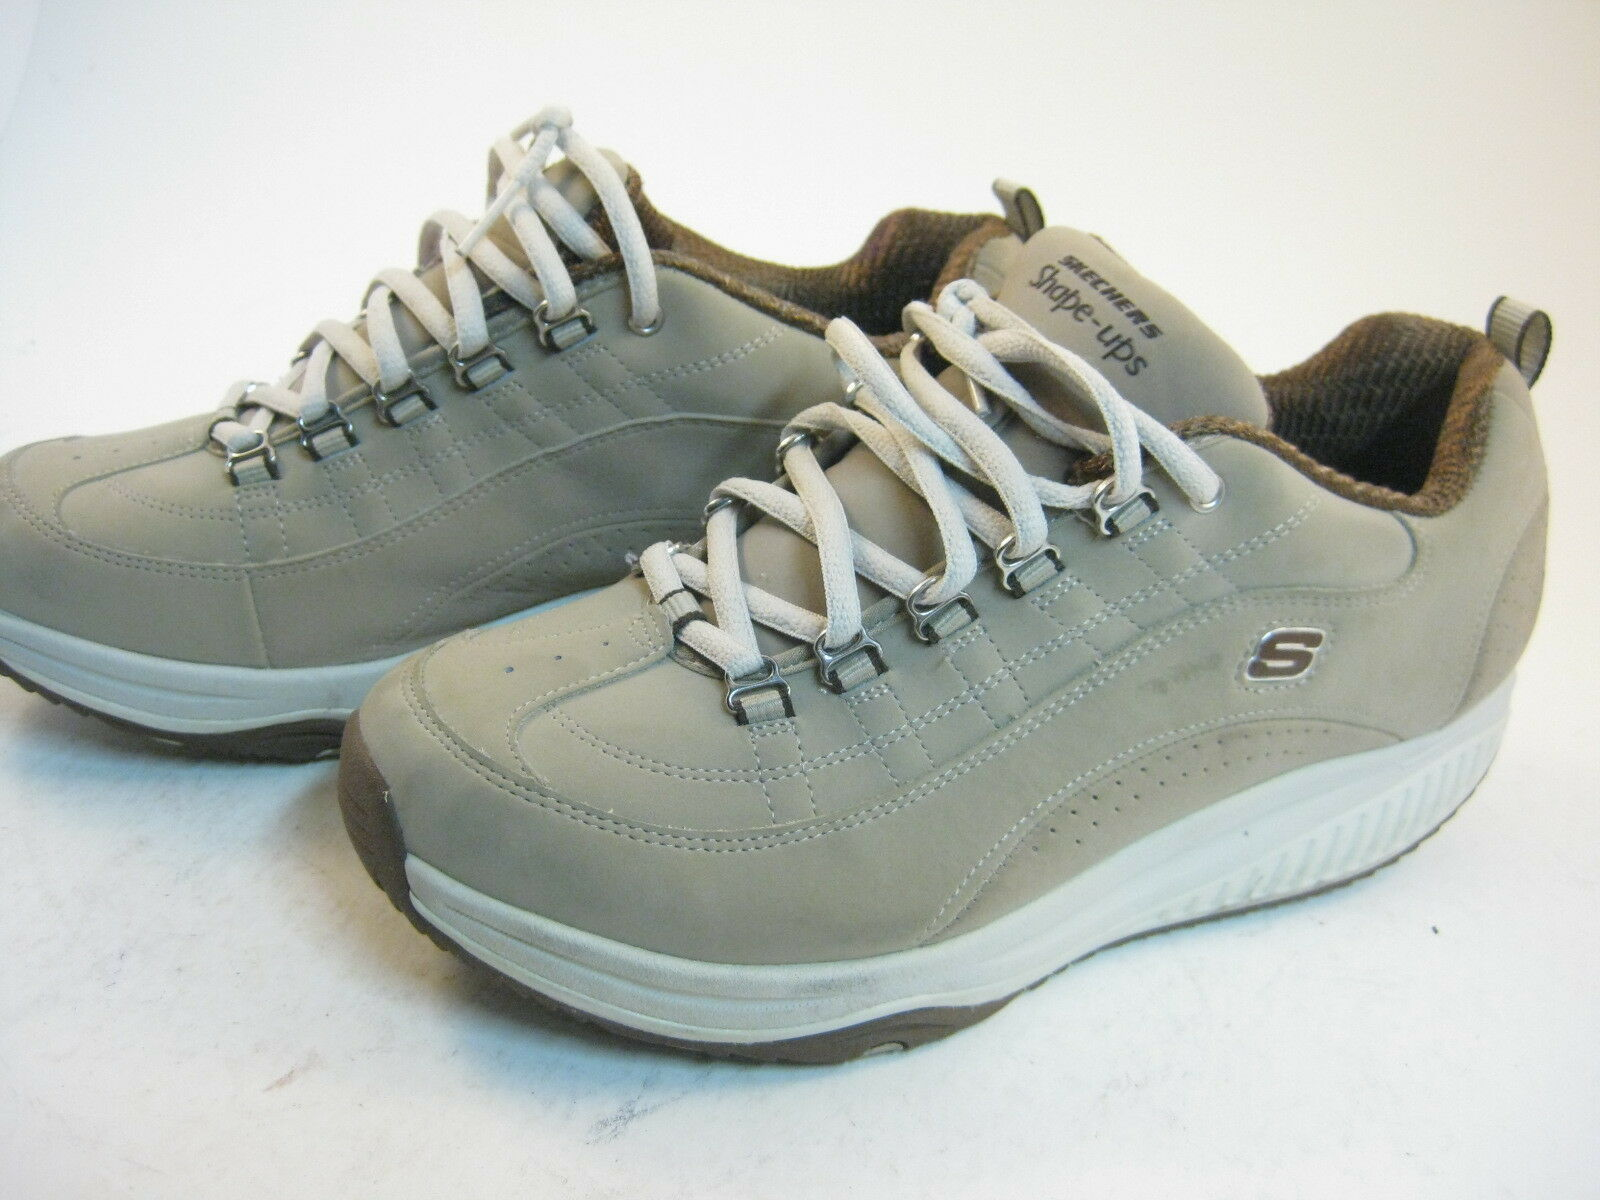 EUC Skechers Shape Ups Shoes Stone Brown Women's Size 9 Excellent Condition